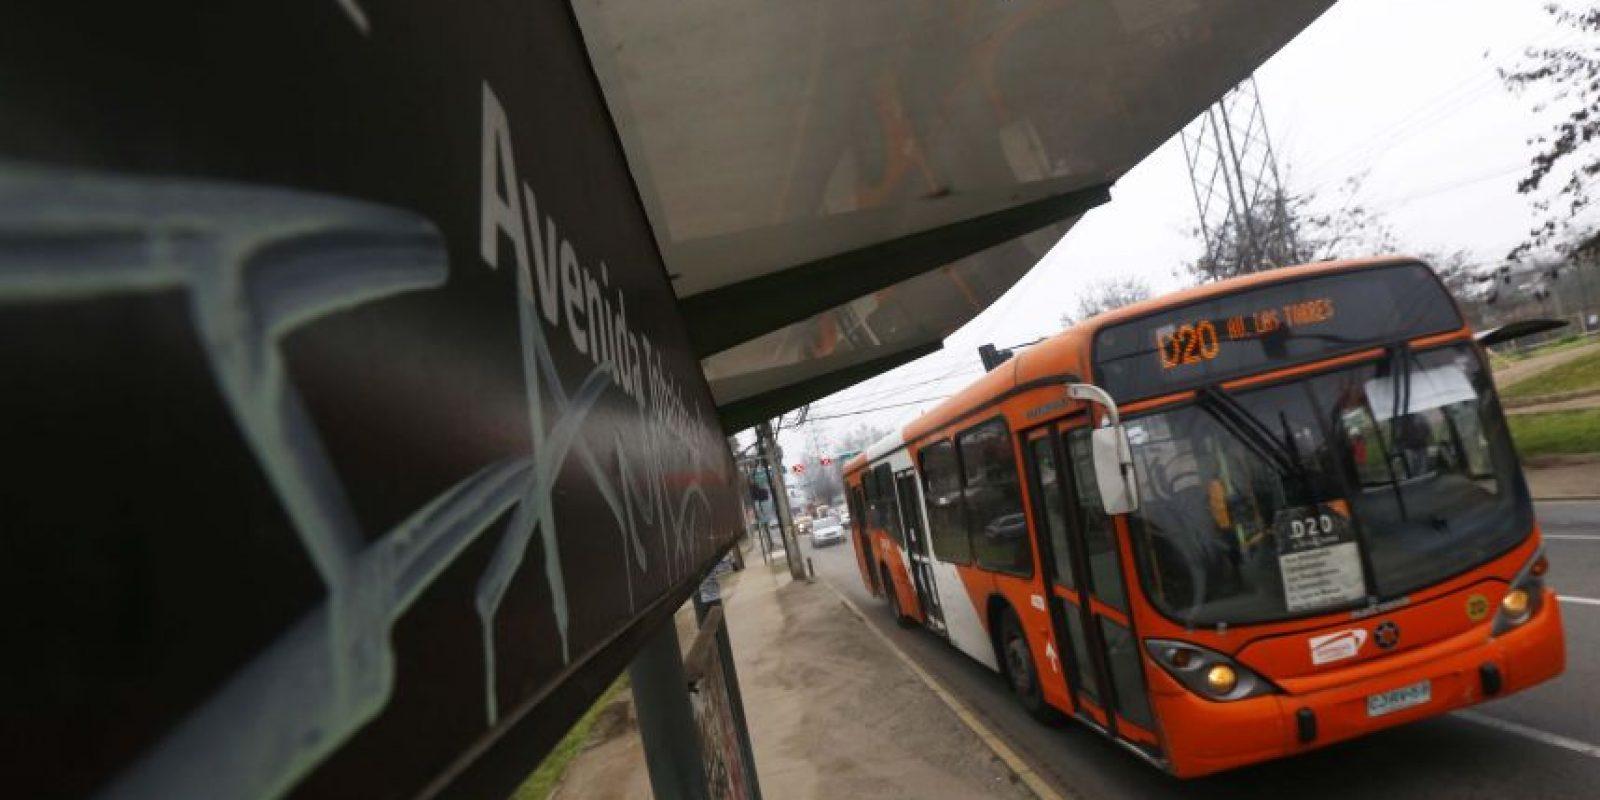 El fin de los contratos de cinco operadores permitirá al Ministerio de Transporte rediseñar el sistema de transporte público capitalino. Foto:Agencia UNO. Imagen Por: